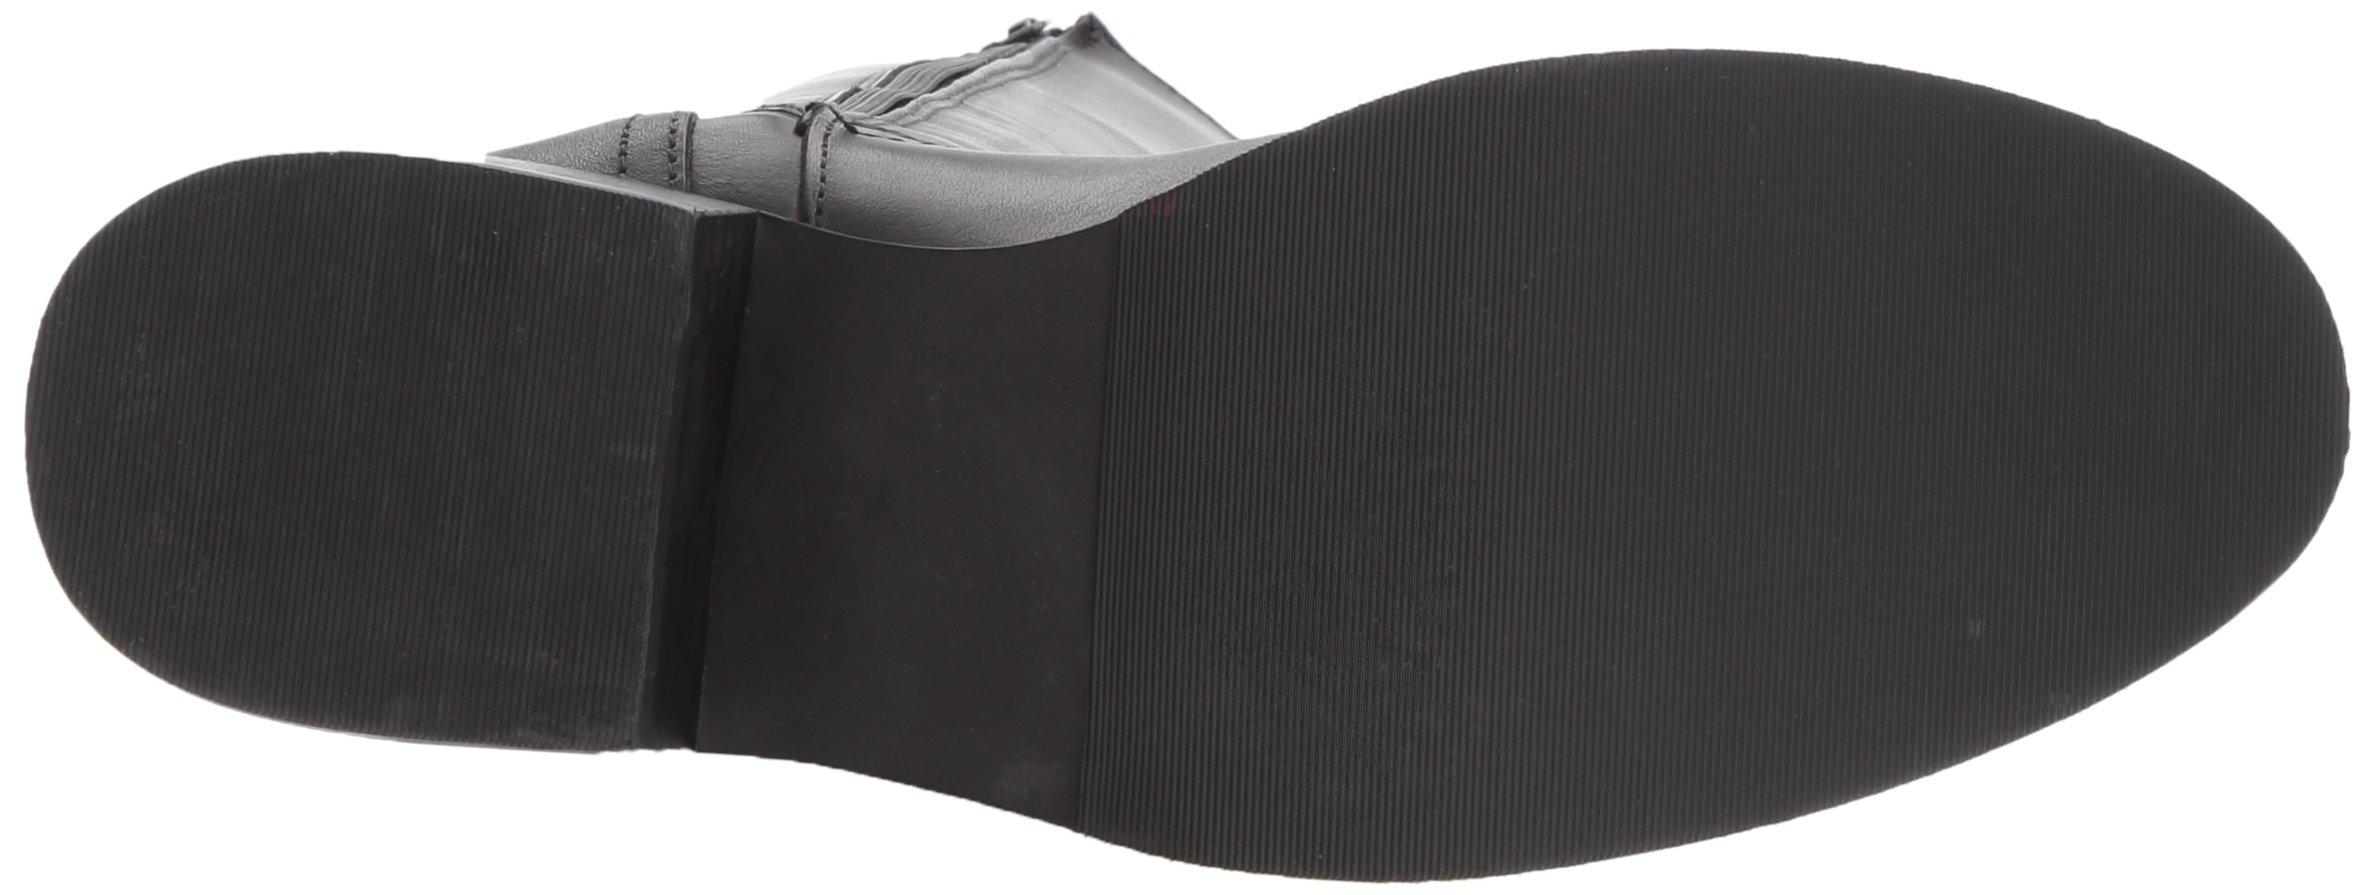 Steve Madden Women's Lover Western Boot, Black Leather, 8.5 M US by Steve Madden (Image #3)